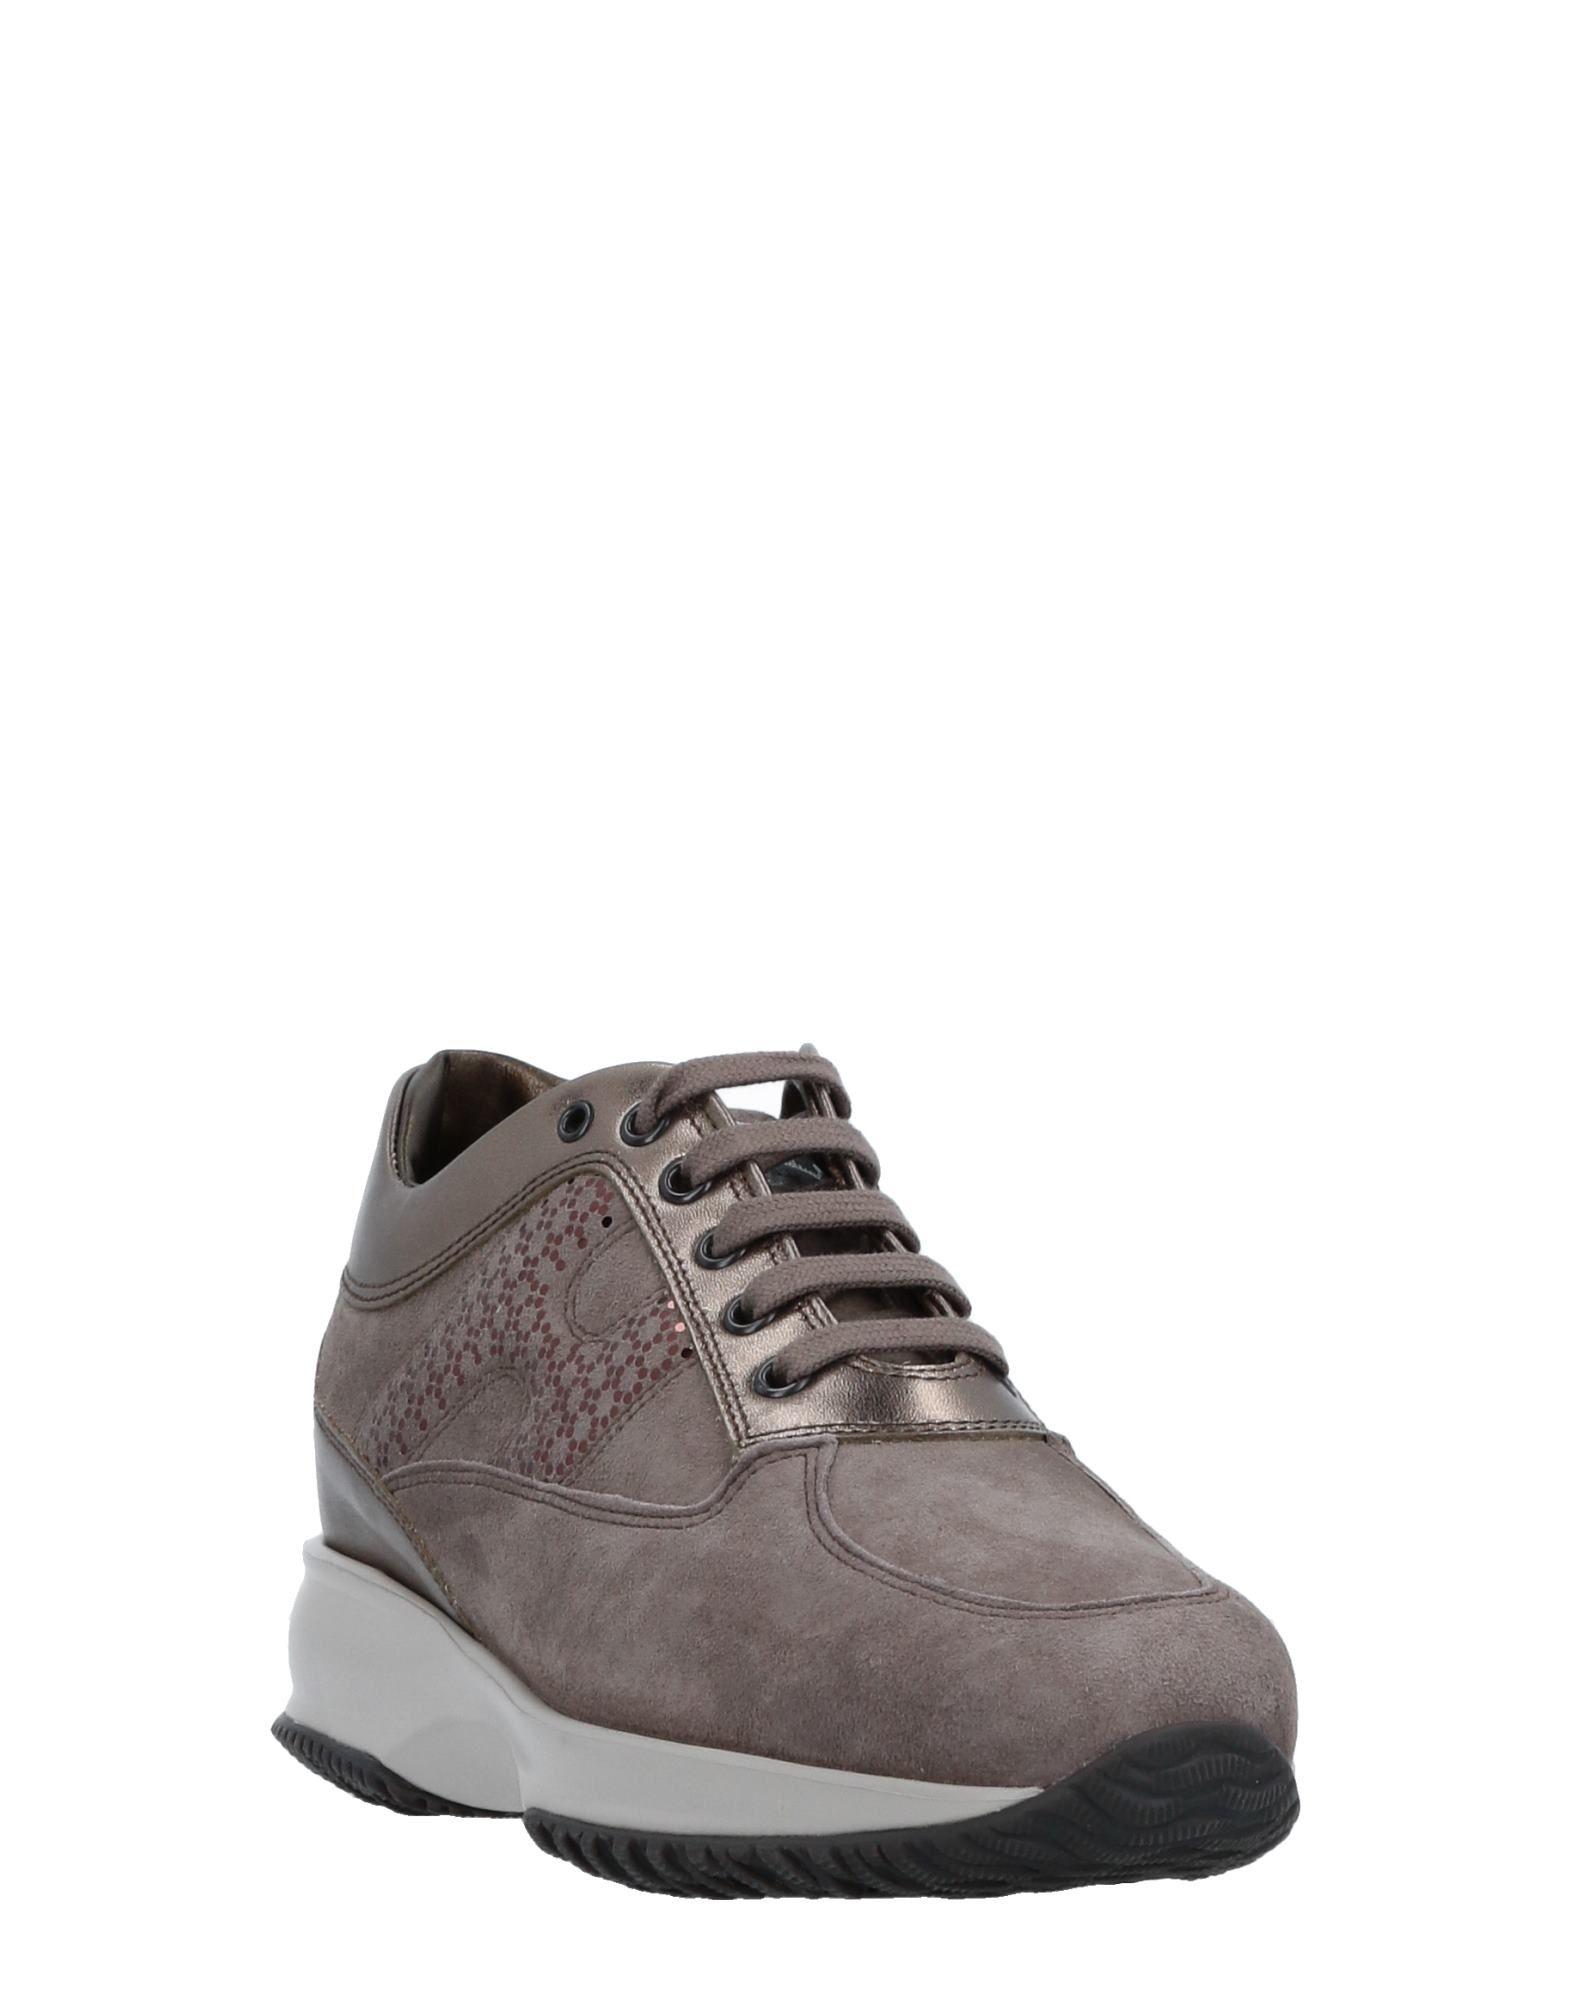 Klassischer Preis-Leistungs-Verhältnis, Stil-21399,Hogan Sneakers Damen Gutes Preis-Leistungs-Verhältnis, Klassischer es lohnt sich 56630d